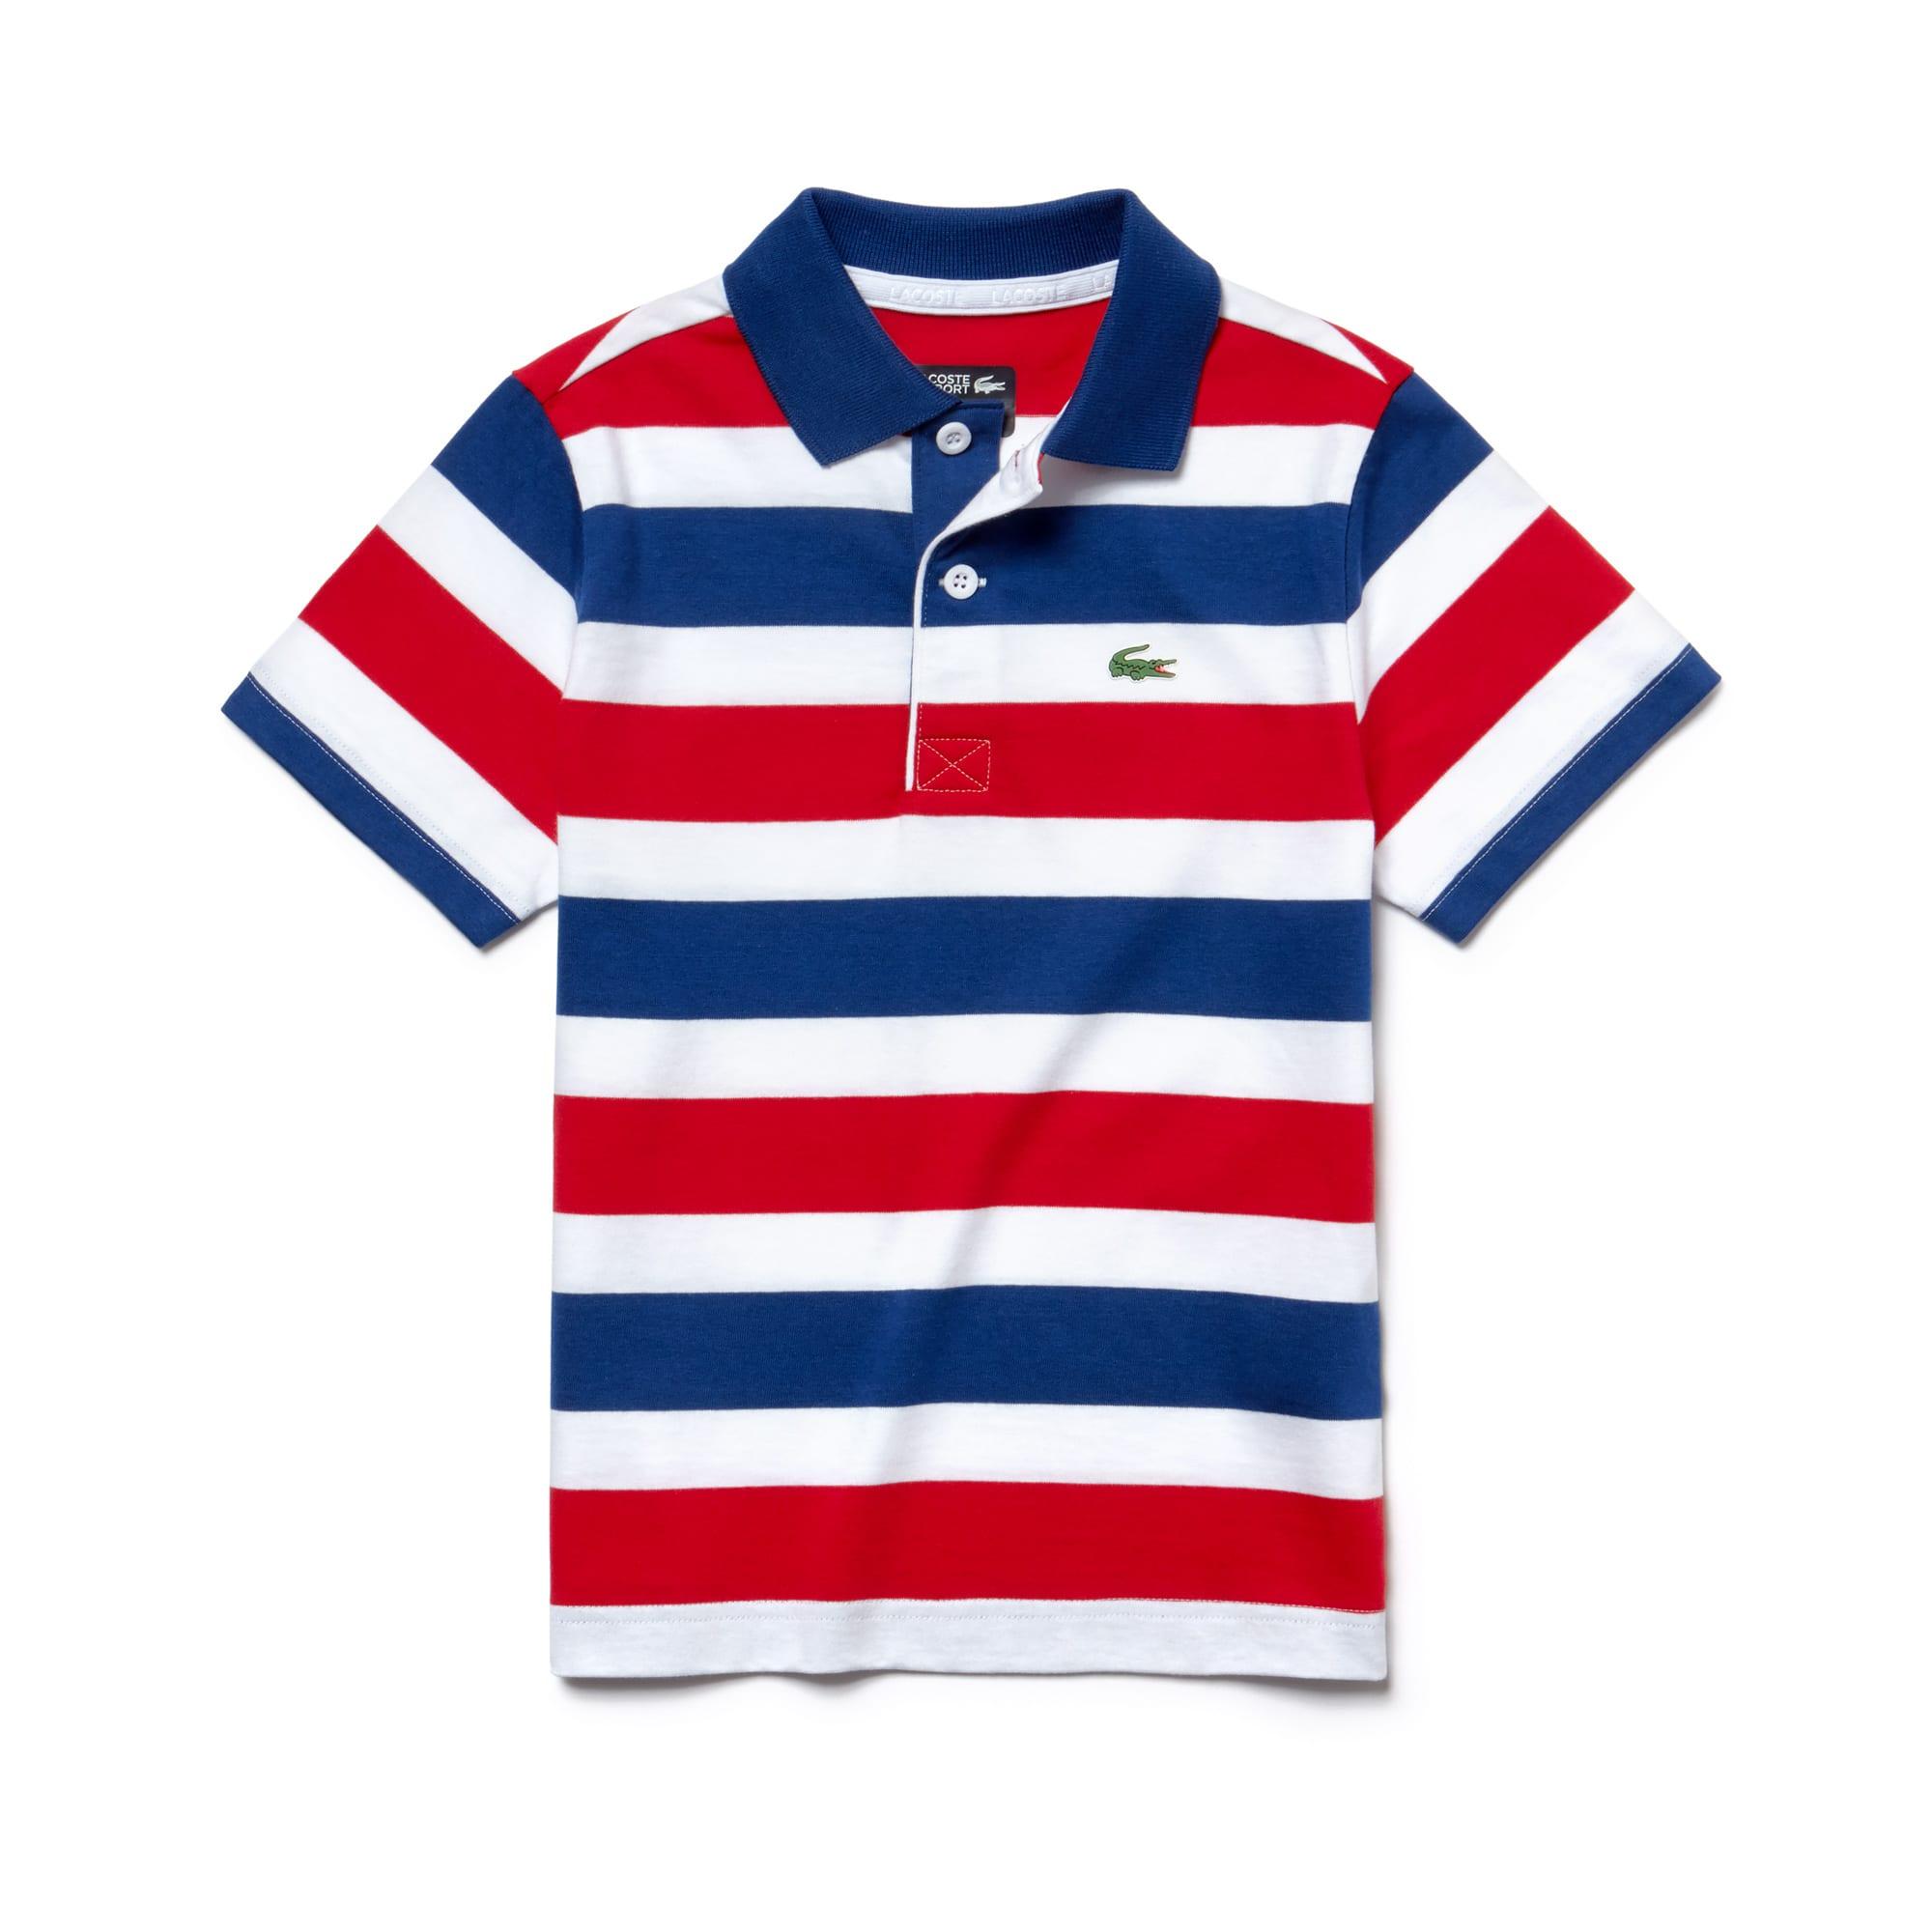 Polo Bambino Tennis Lacoste SPORT in jersey di cotone a righe